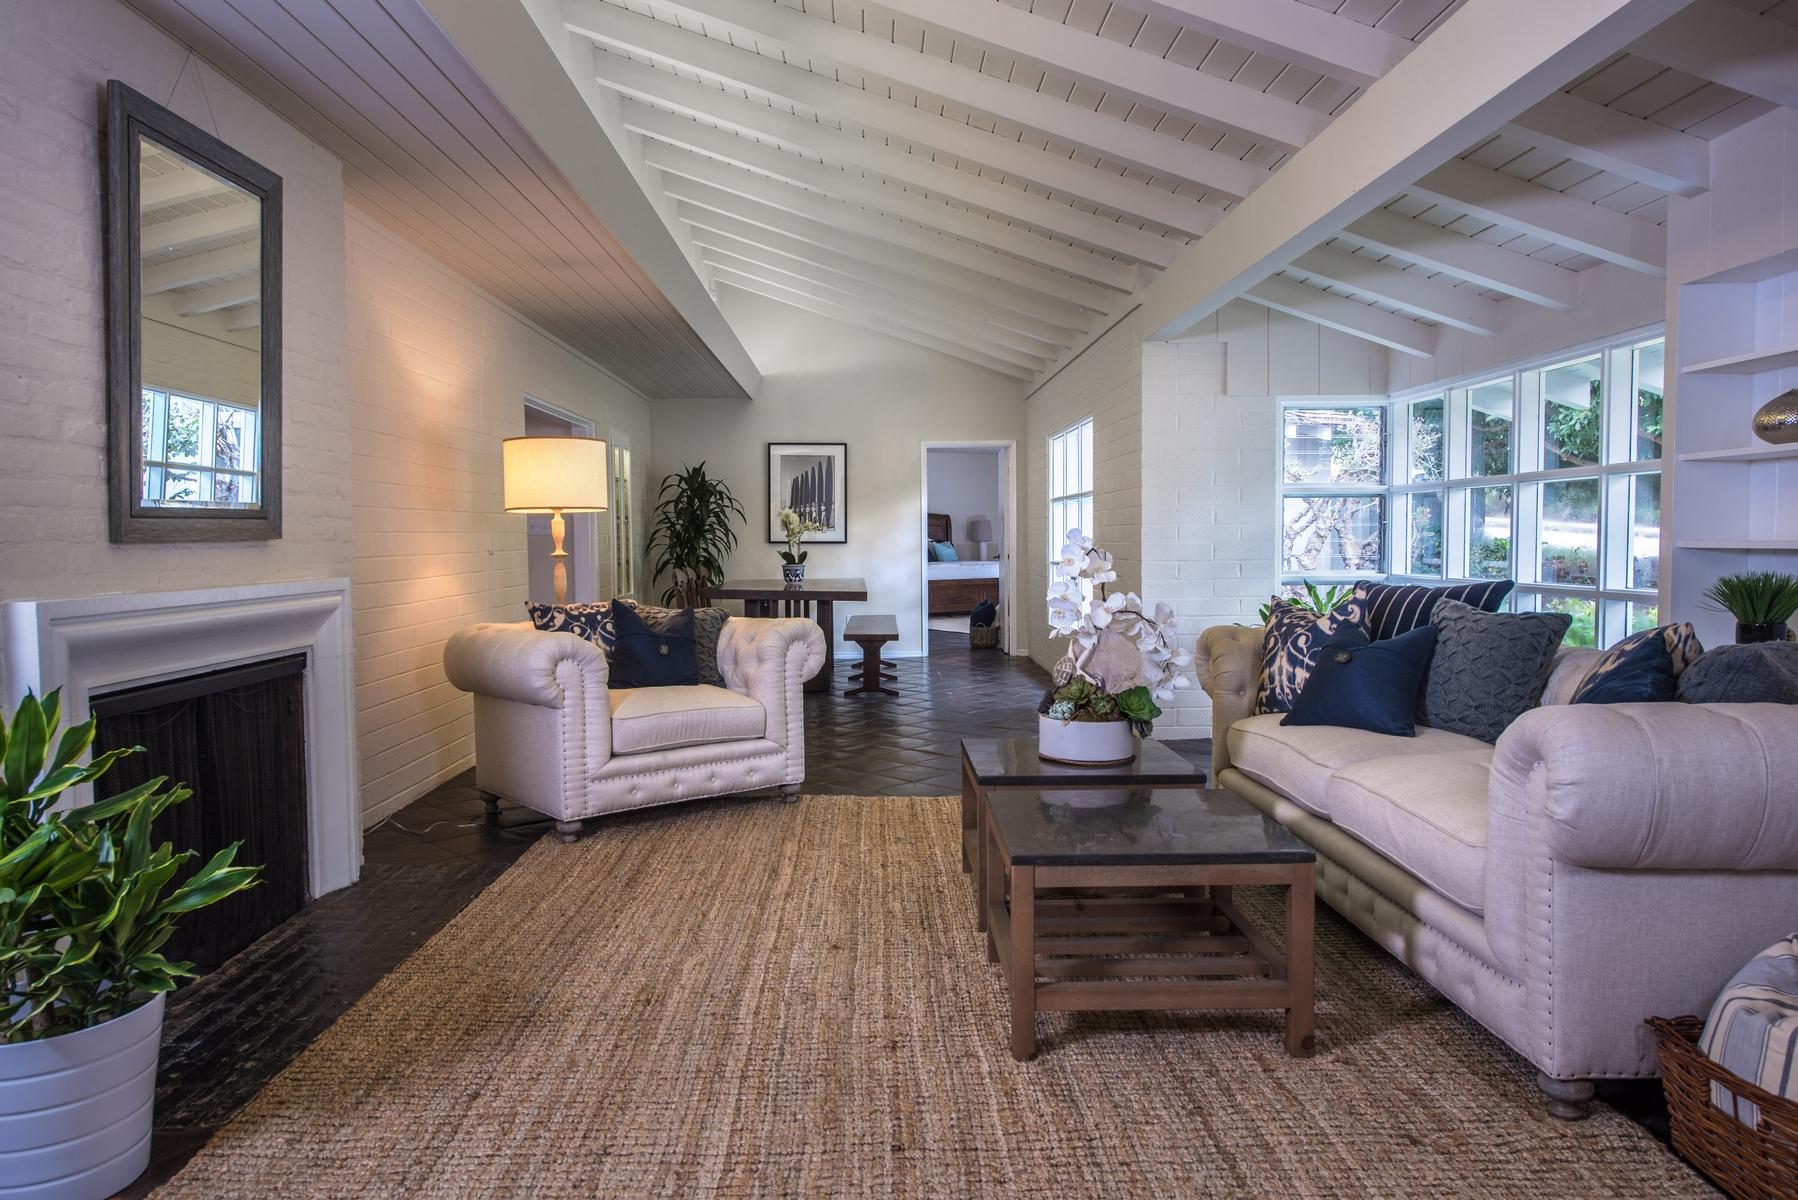 Villa per Vendita alle ore 720 Camino De La Costa La Jolla, California, 92037 Stati Uniti